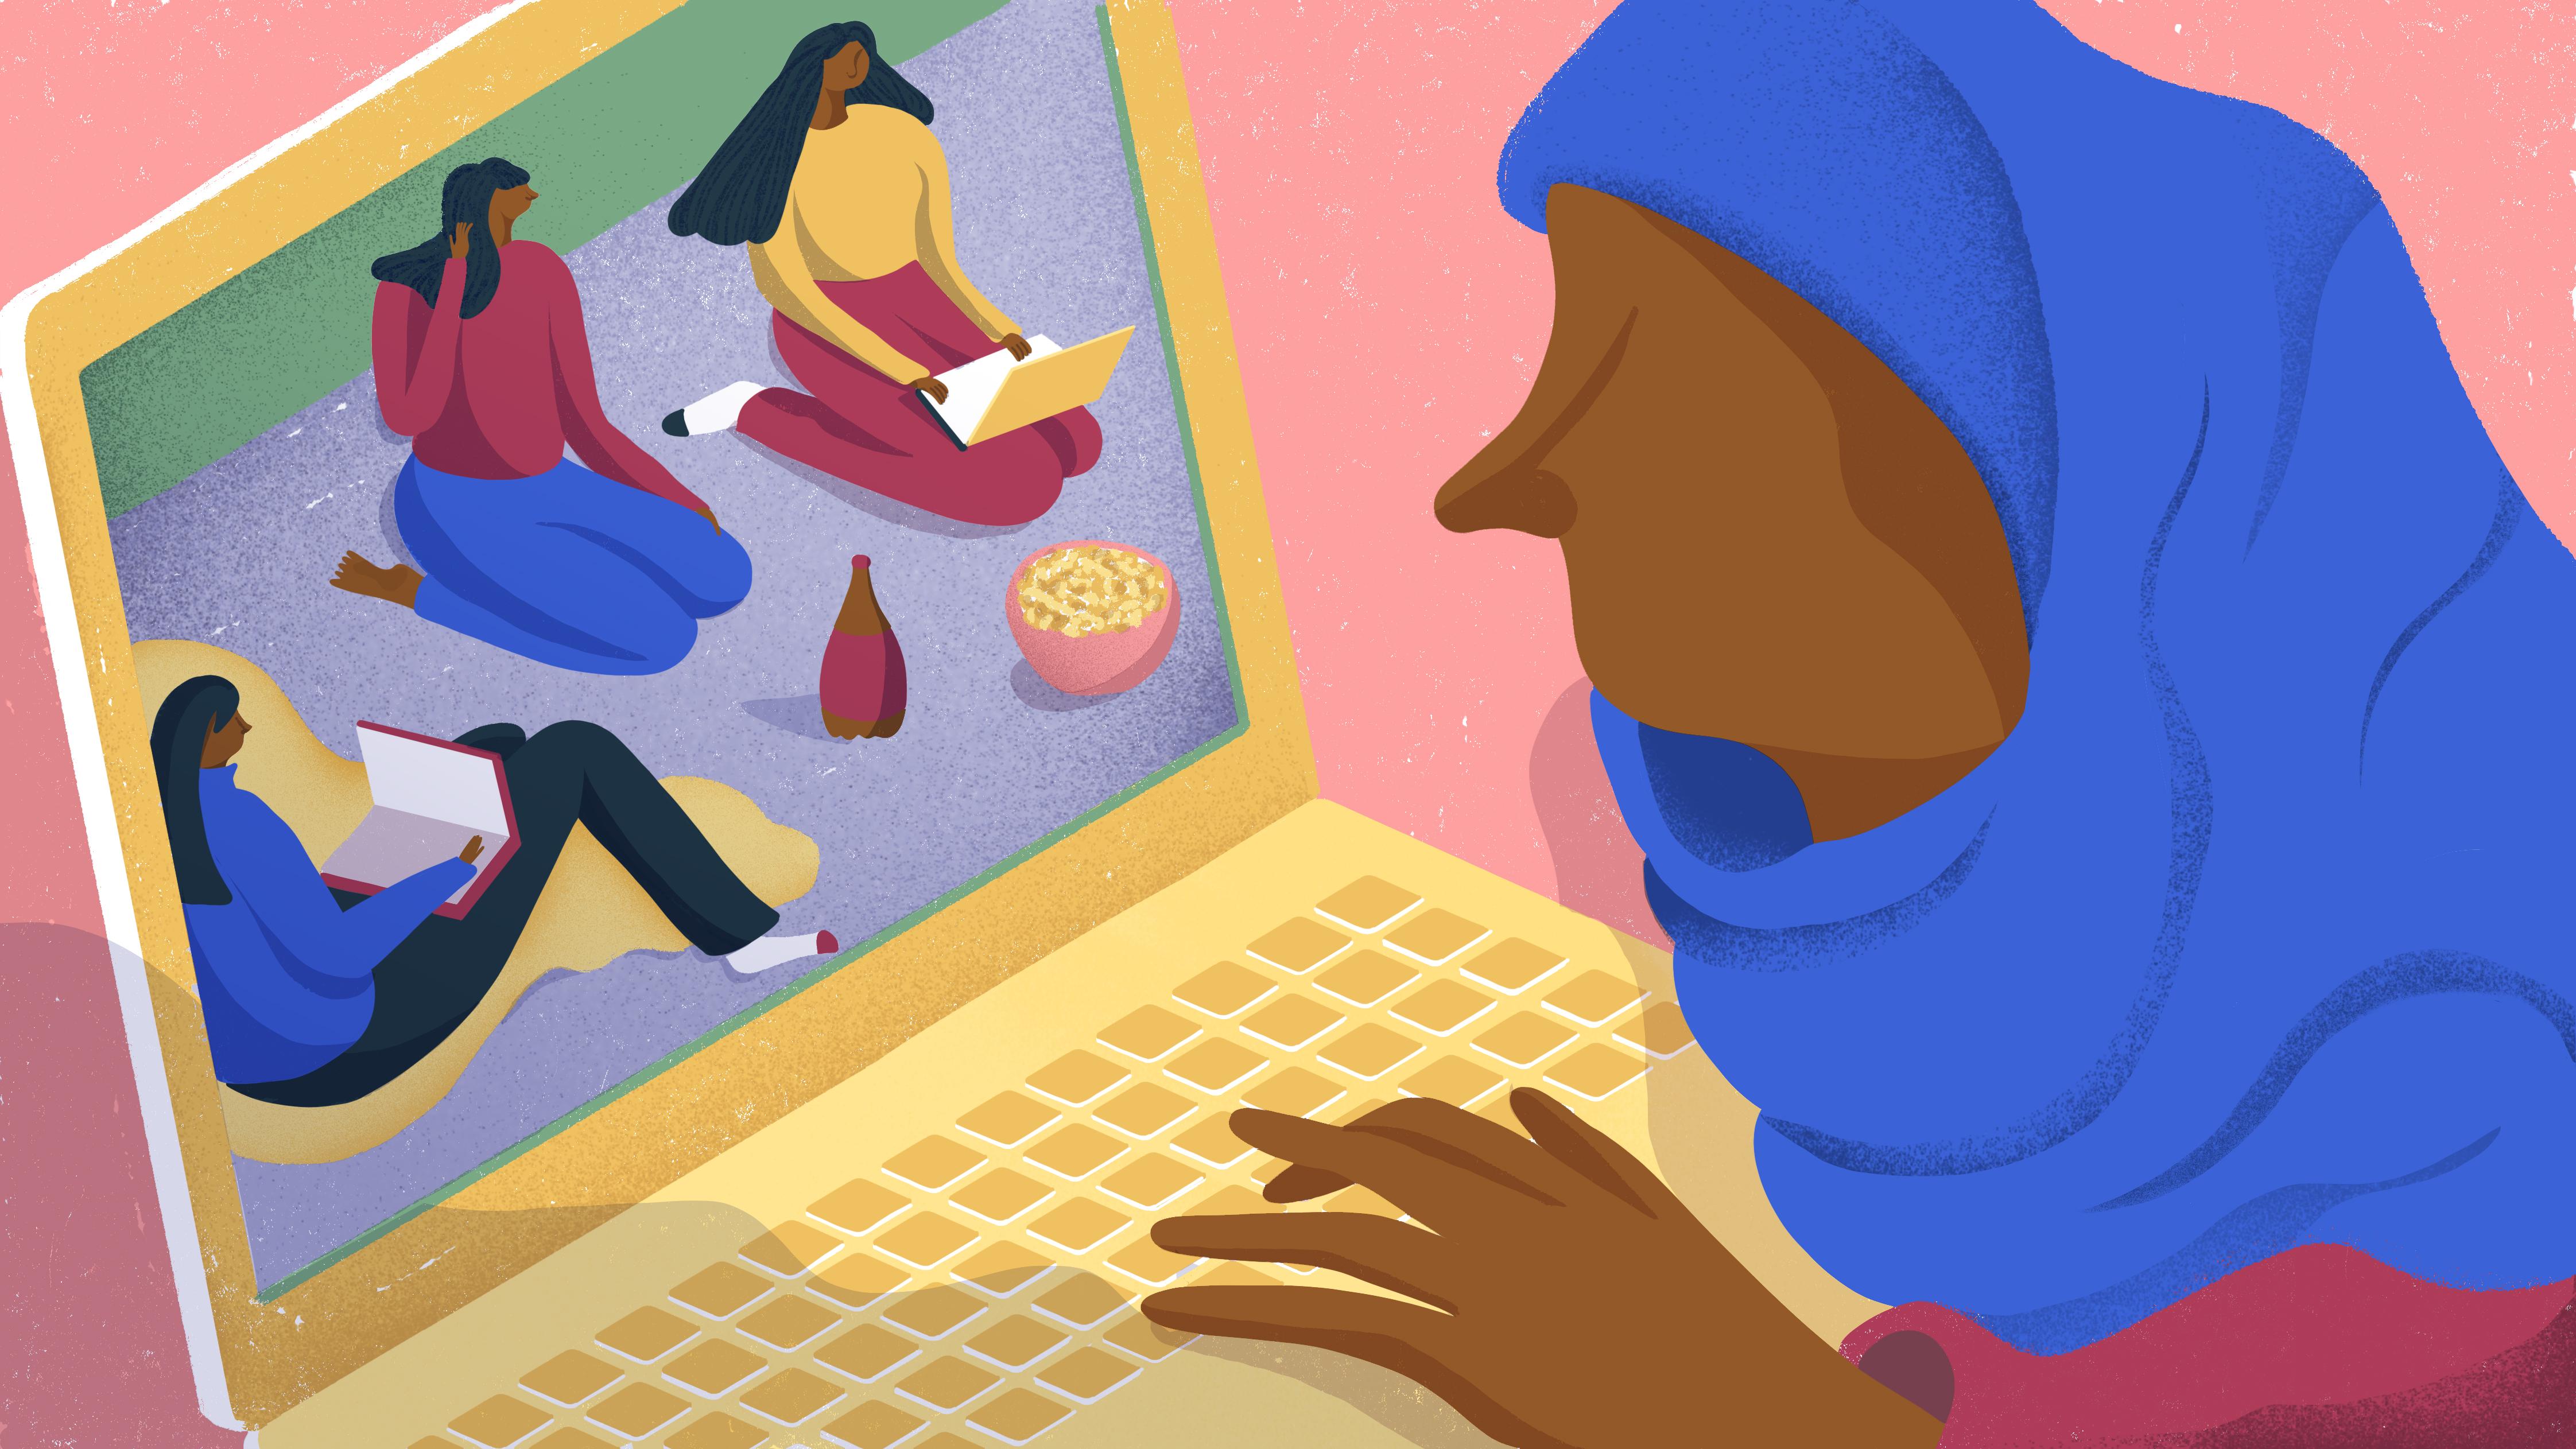 0bfa6d92c46 Bag lukkede profiler taler kvinder i hijab åbent om sex, politik og stoffer  - VICE